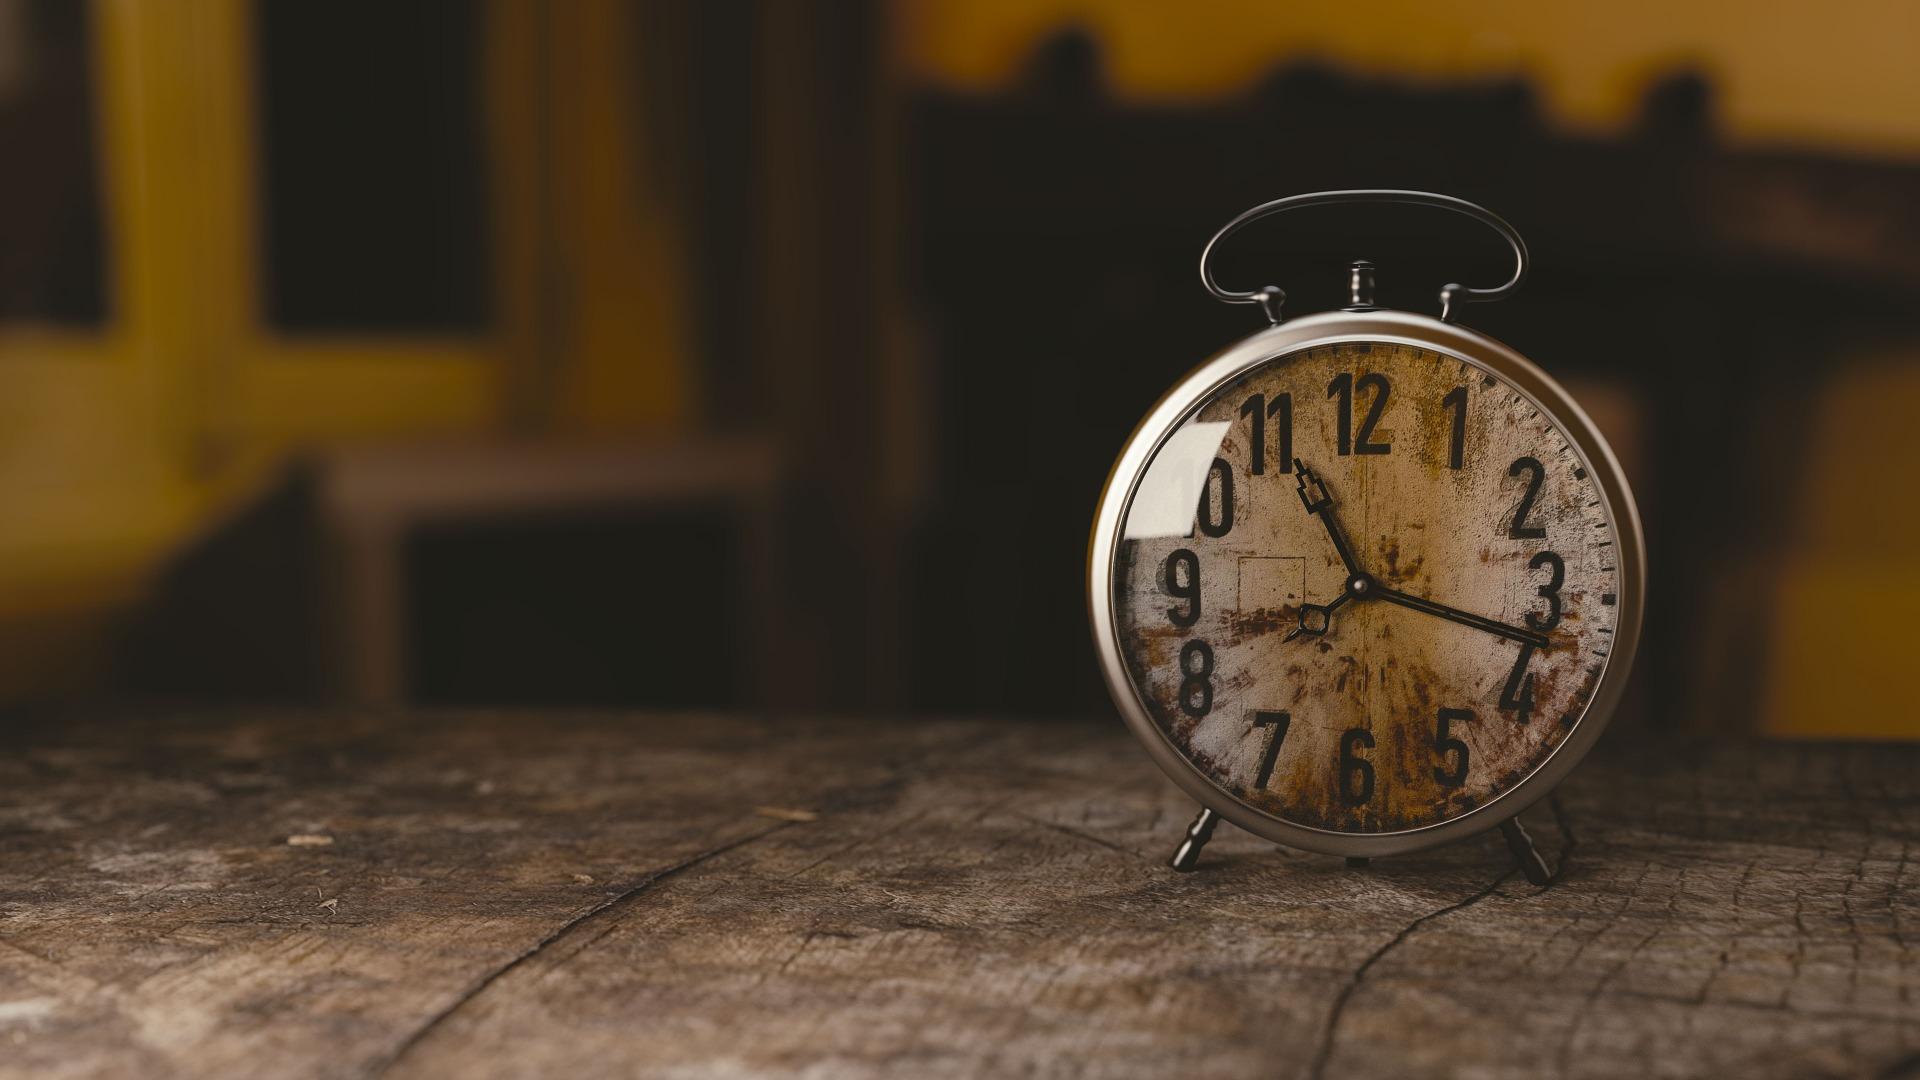 Meer tijd overhouden? In deze mini cursus tijdmanagement ontdek je dat je eerder teveel dan te weinig tijd hebt.